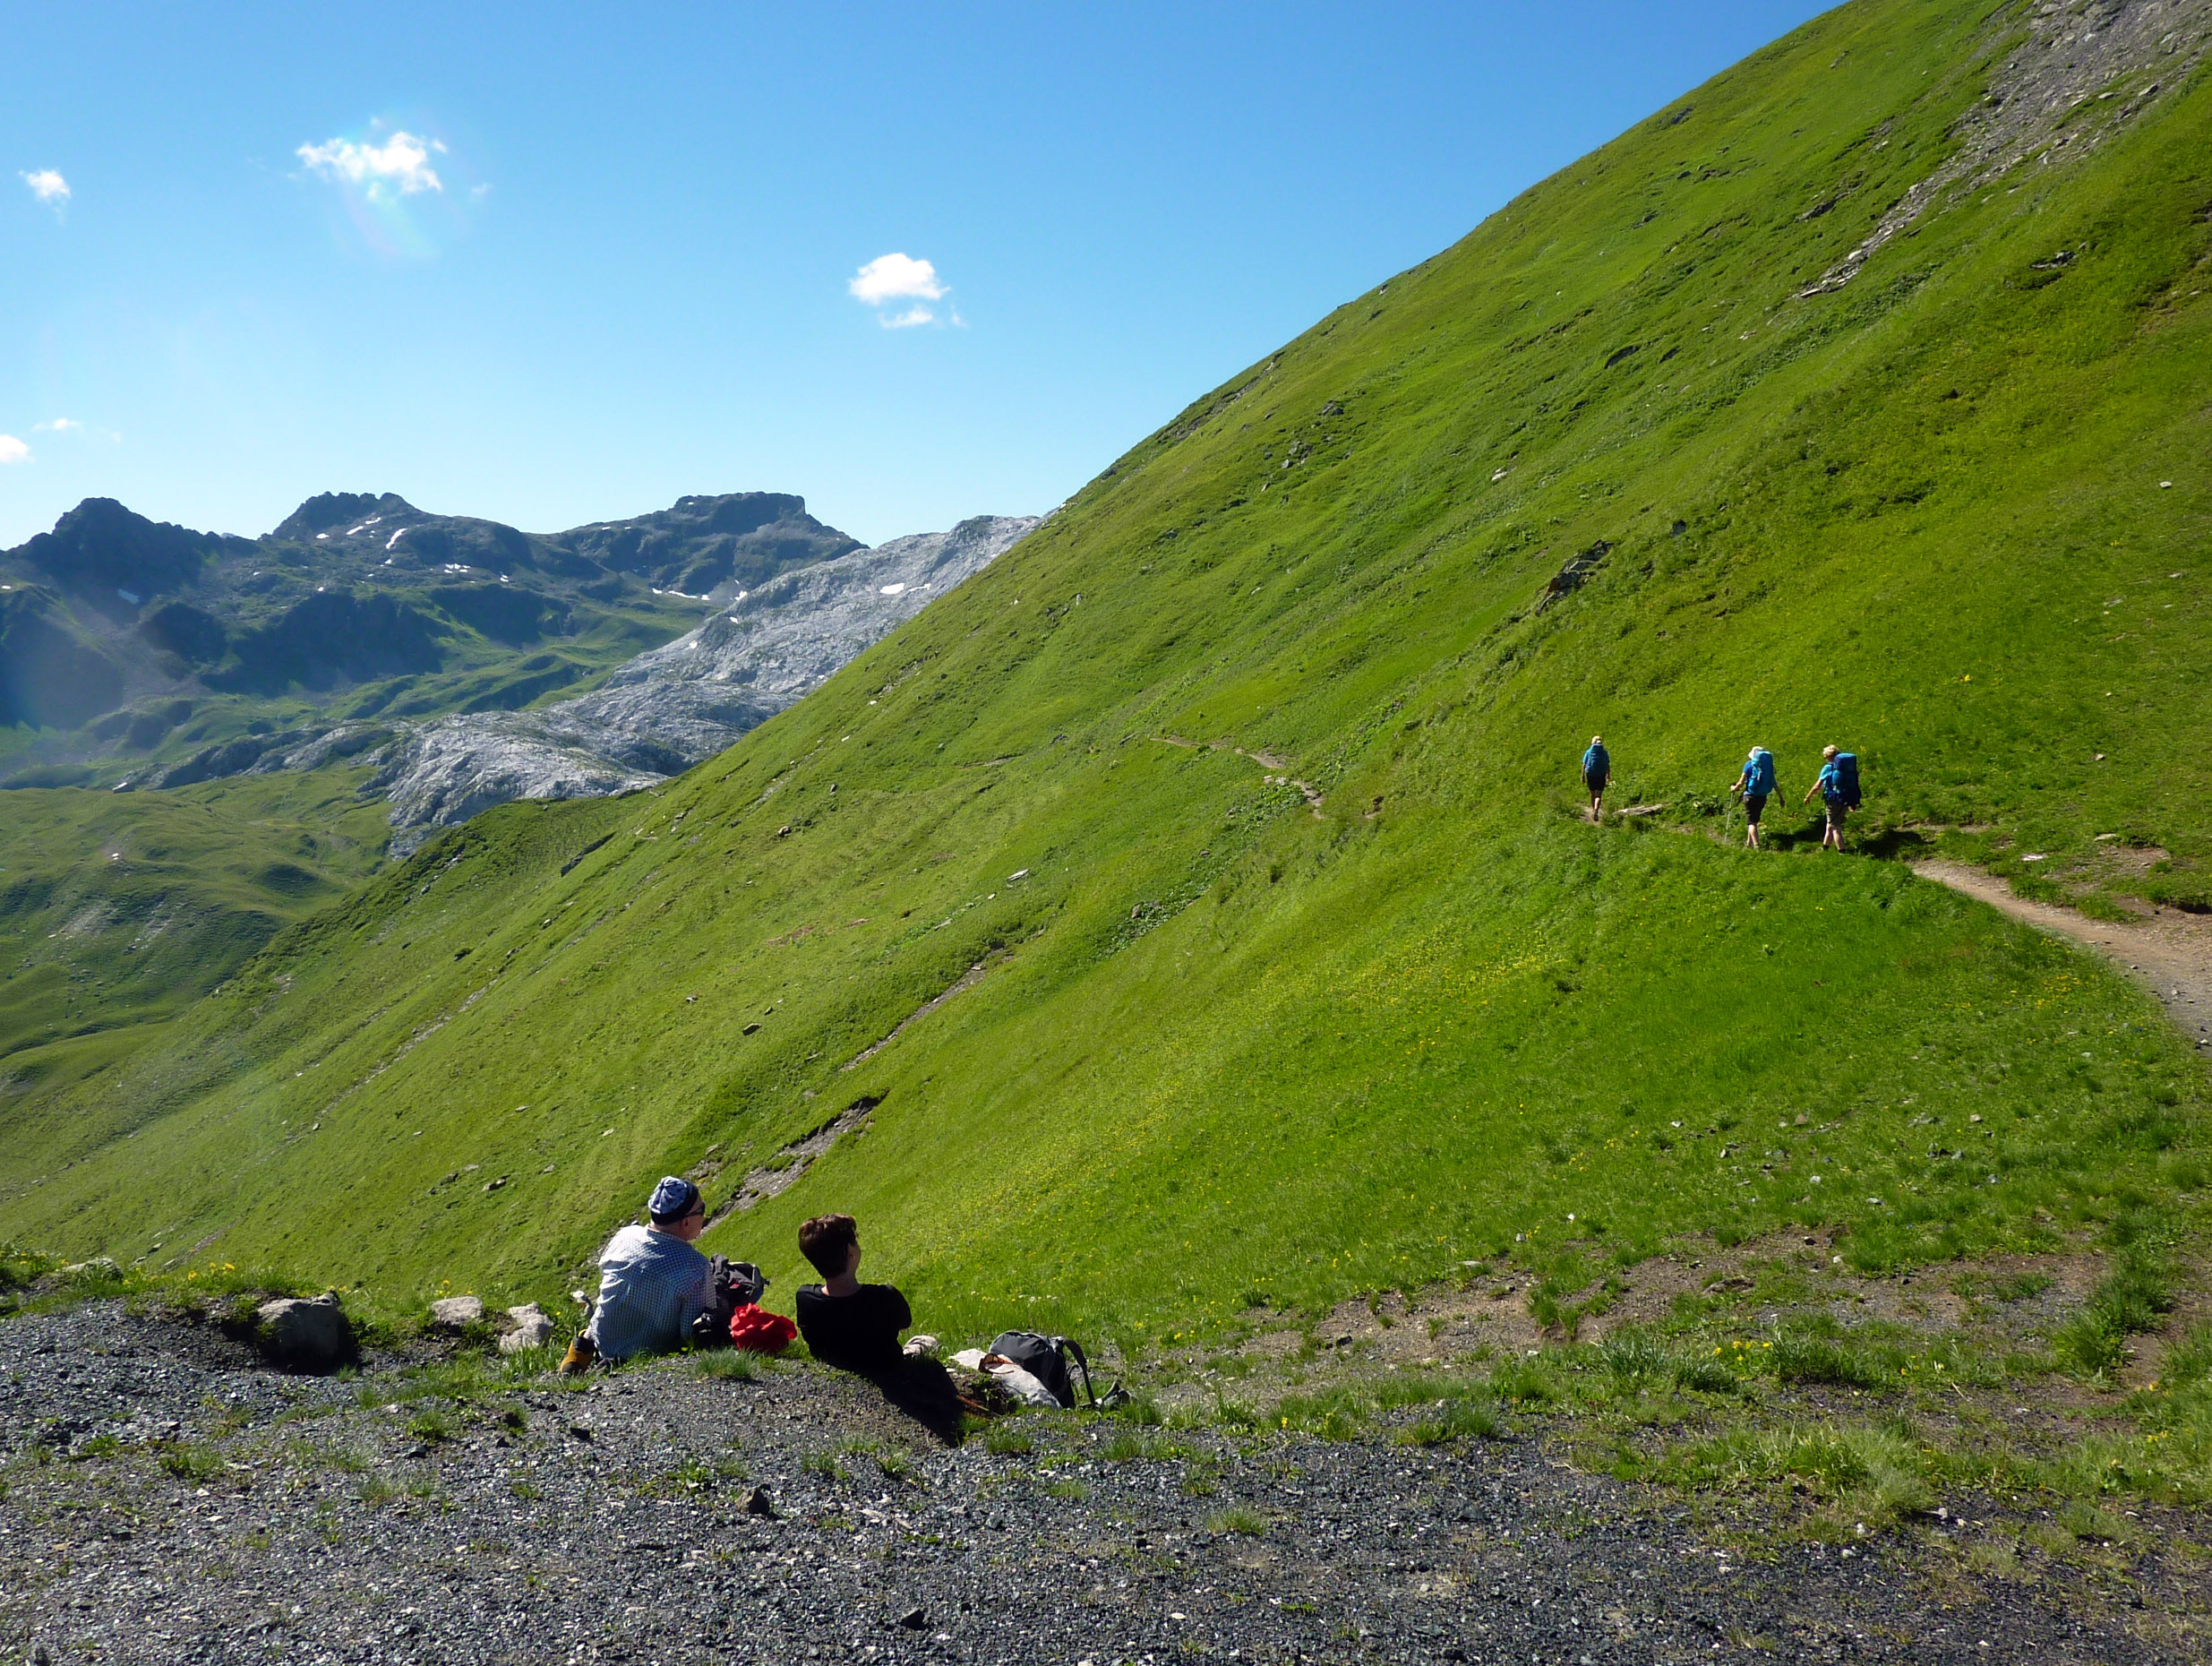 Coaching mitten auf einer Grünfläche